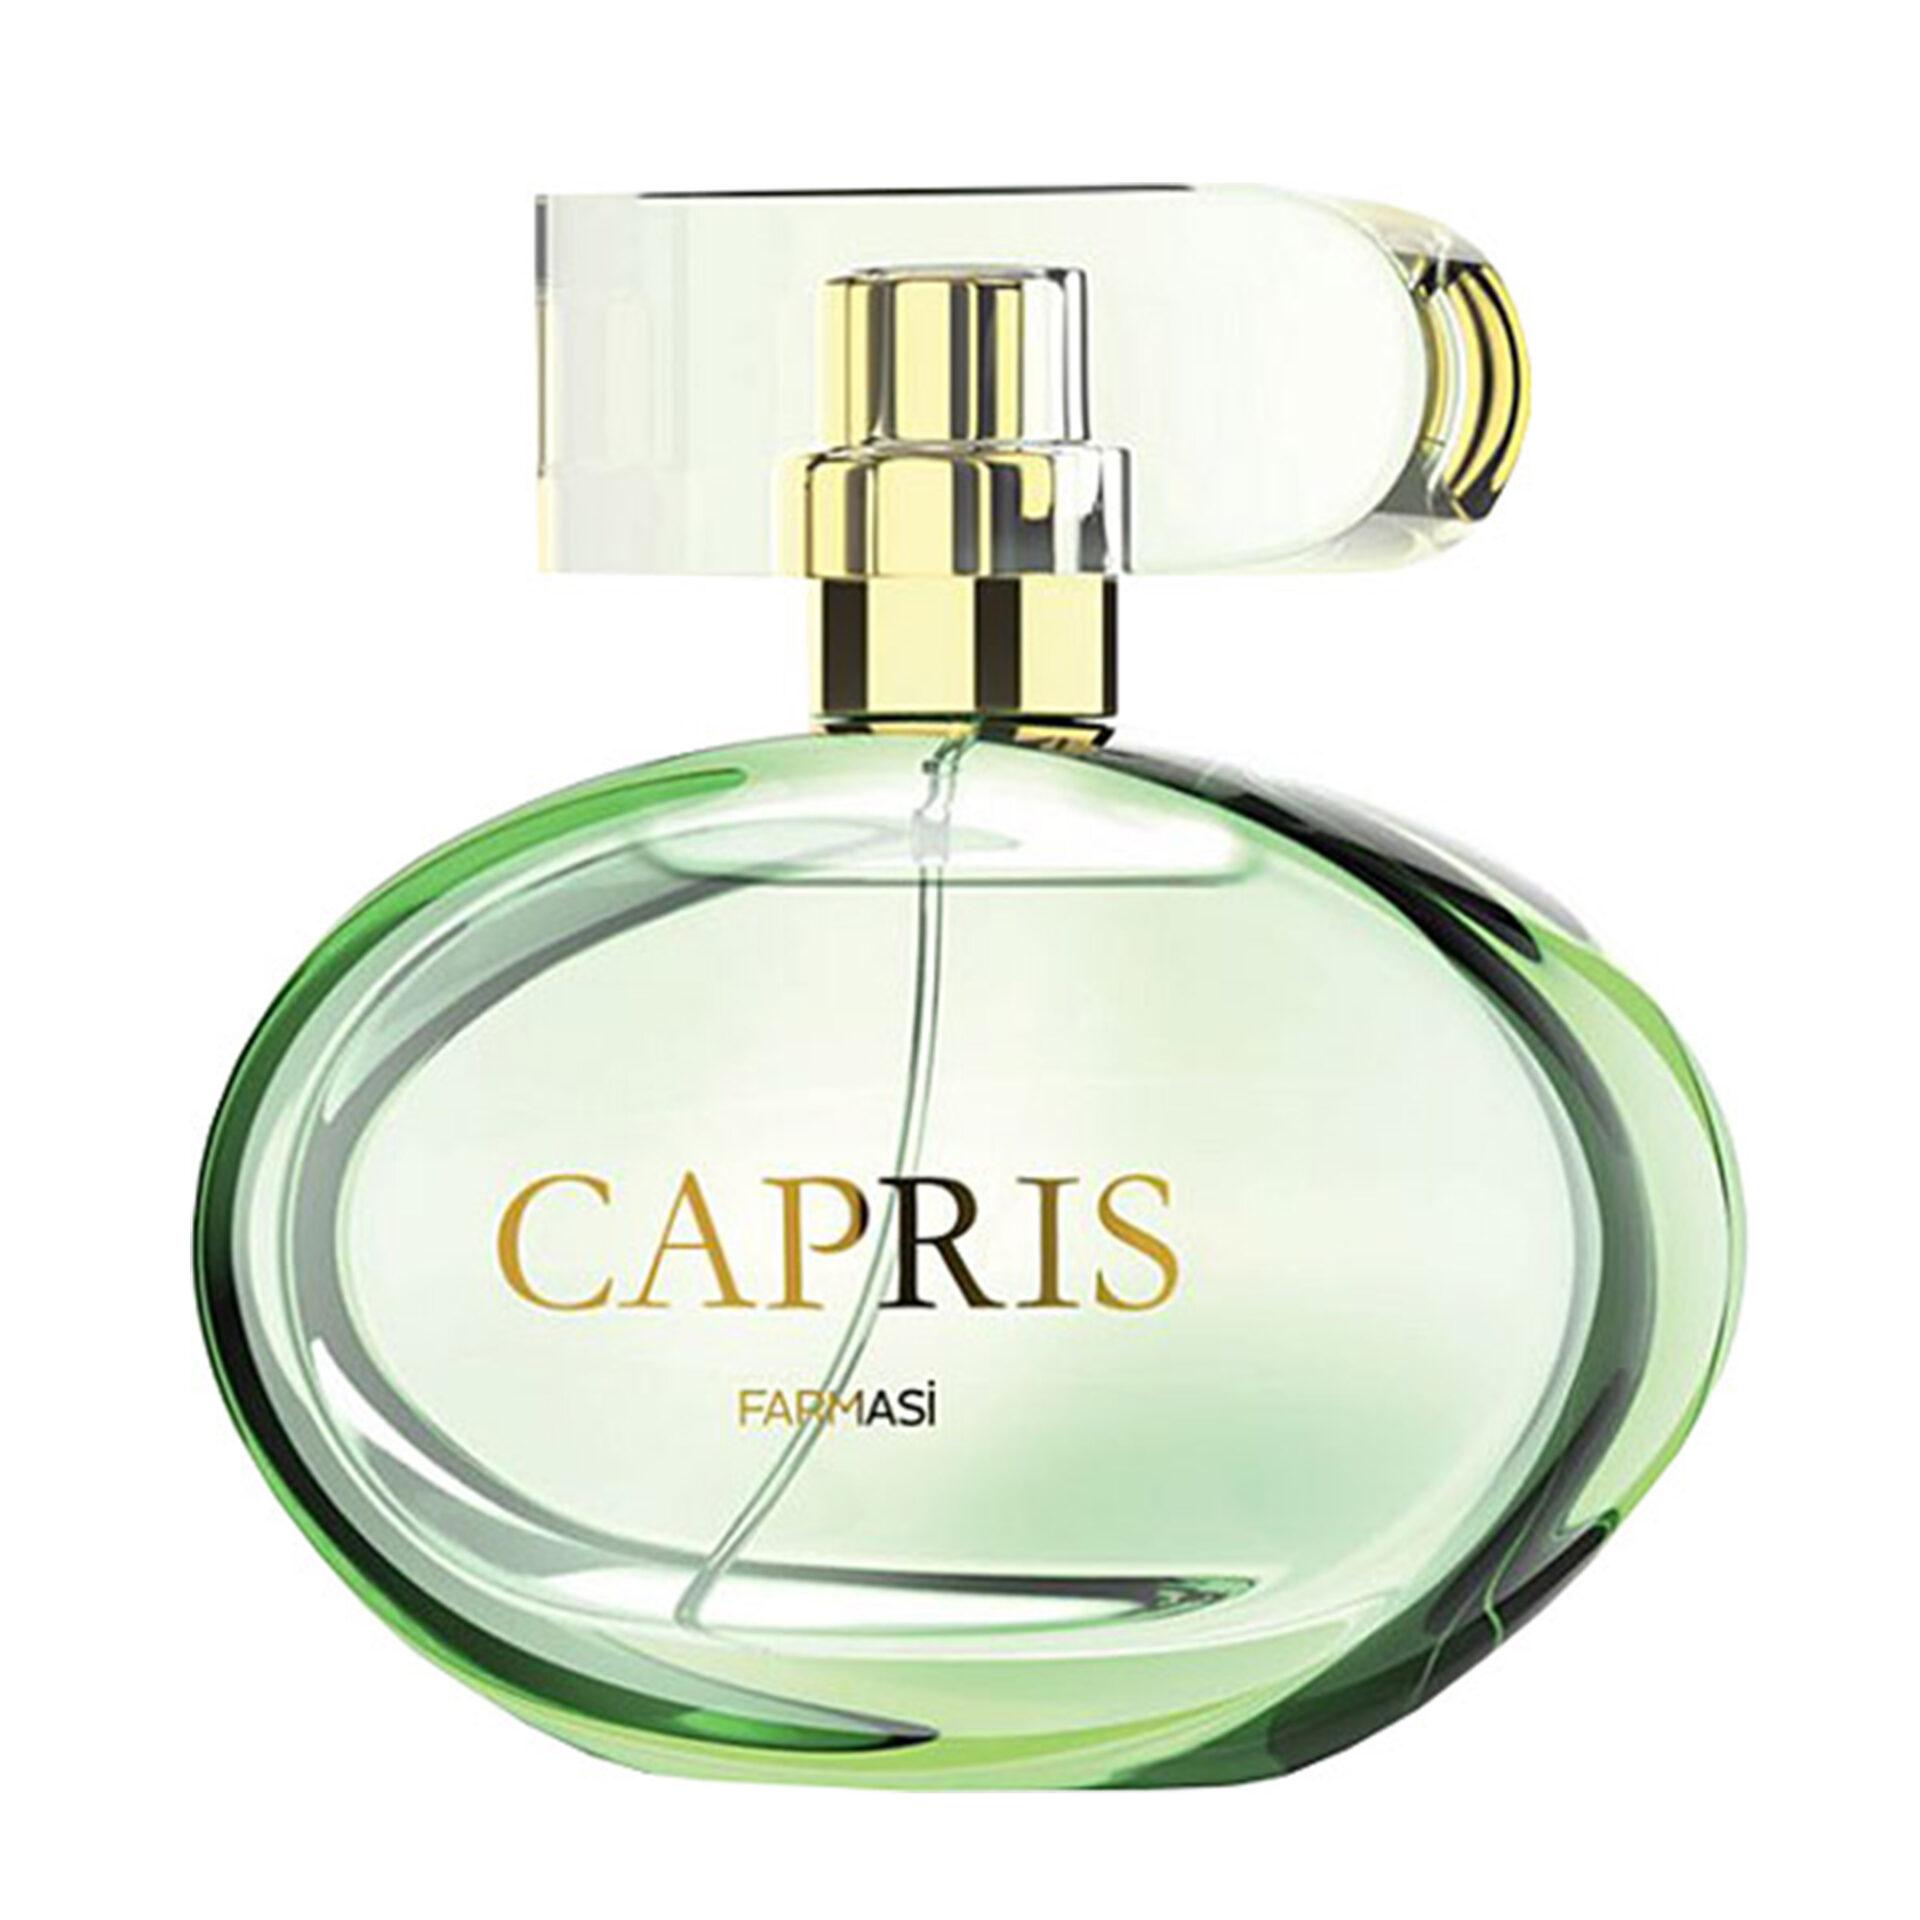 ادو پرفیوم زنانه فارماسی مدل Capris حجم 50 میلی لیتر